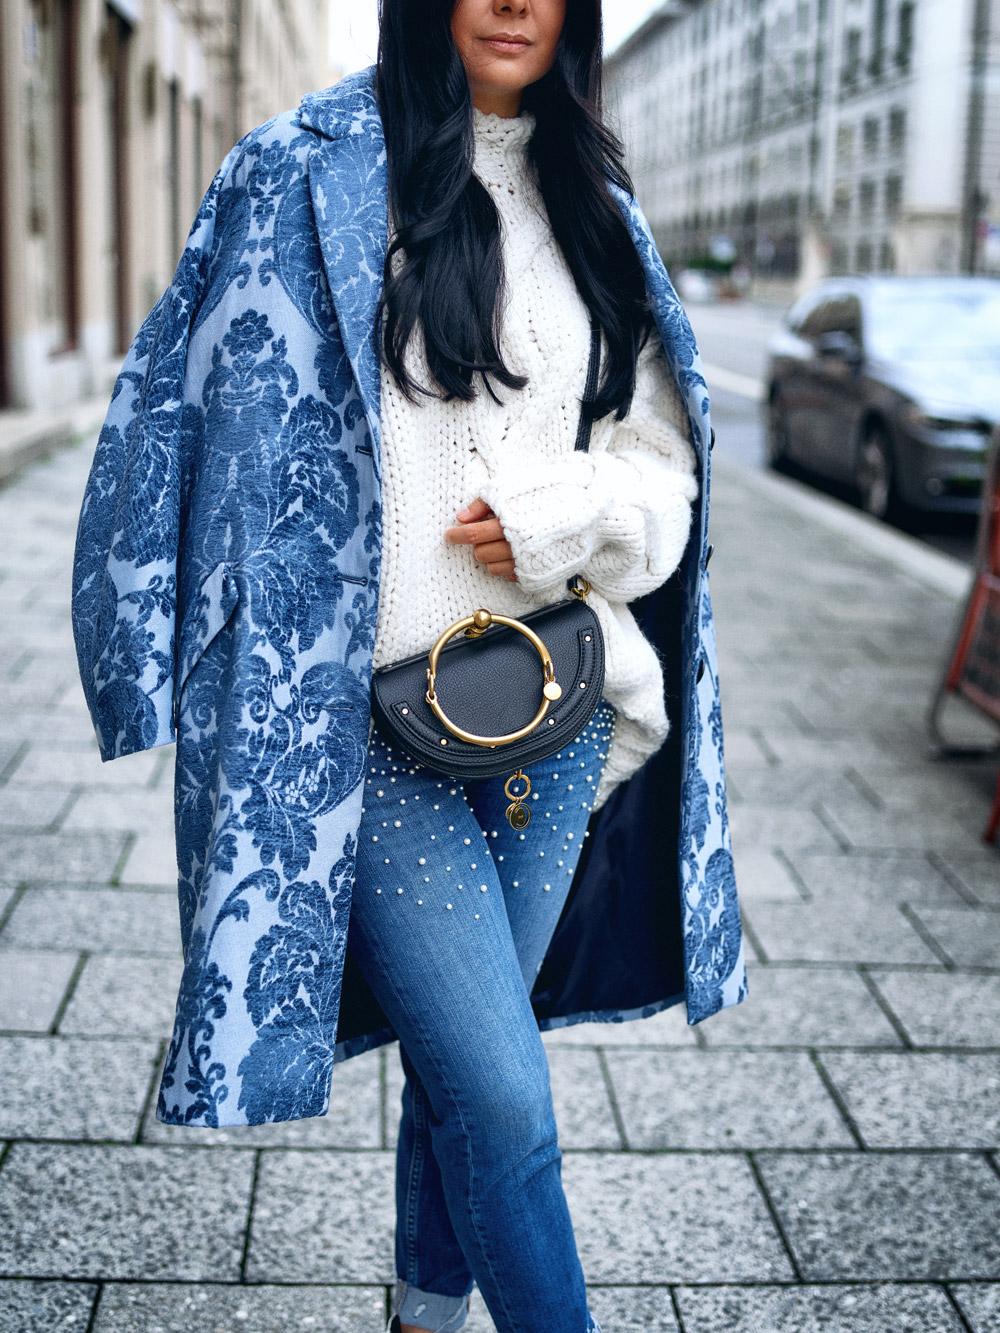 fashionambit-travelblog-muenchen-modeblog-deutschland-blogger-modeblogger-fashionblogger-bloggerdeutschland-lifestyleblog-munich-style-blog-trend-report-samt-und-pullis-mit-zopfmuster.jpg